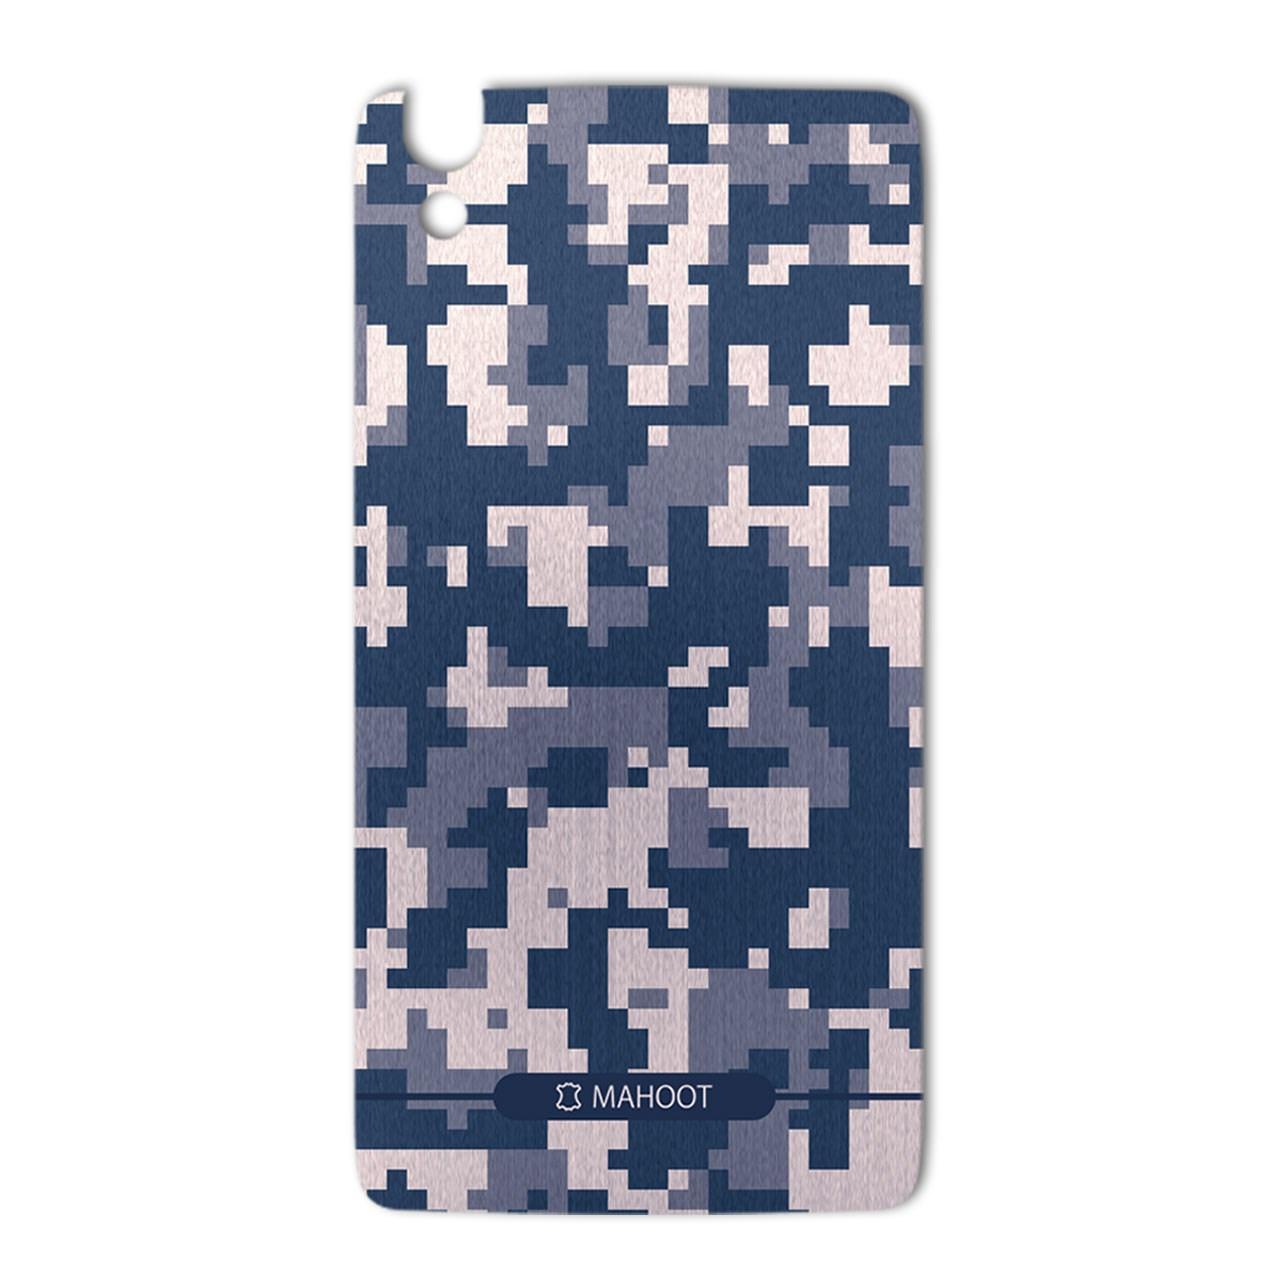 برچسب پوششی ماهوت مدل Army-pixel Design مناسب برای گوشی BlackBerry Dtek 50